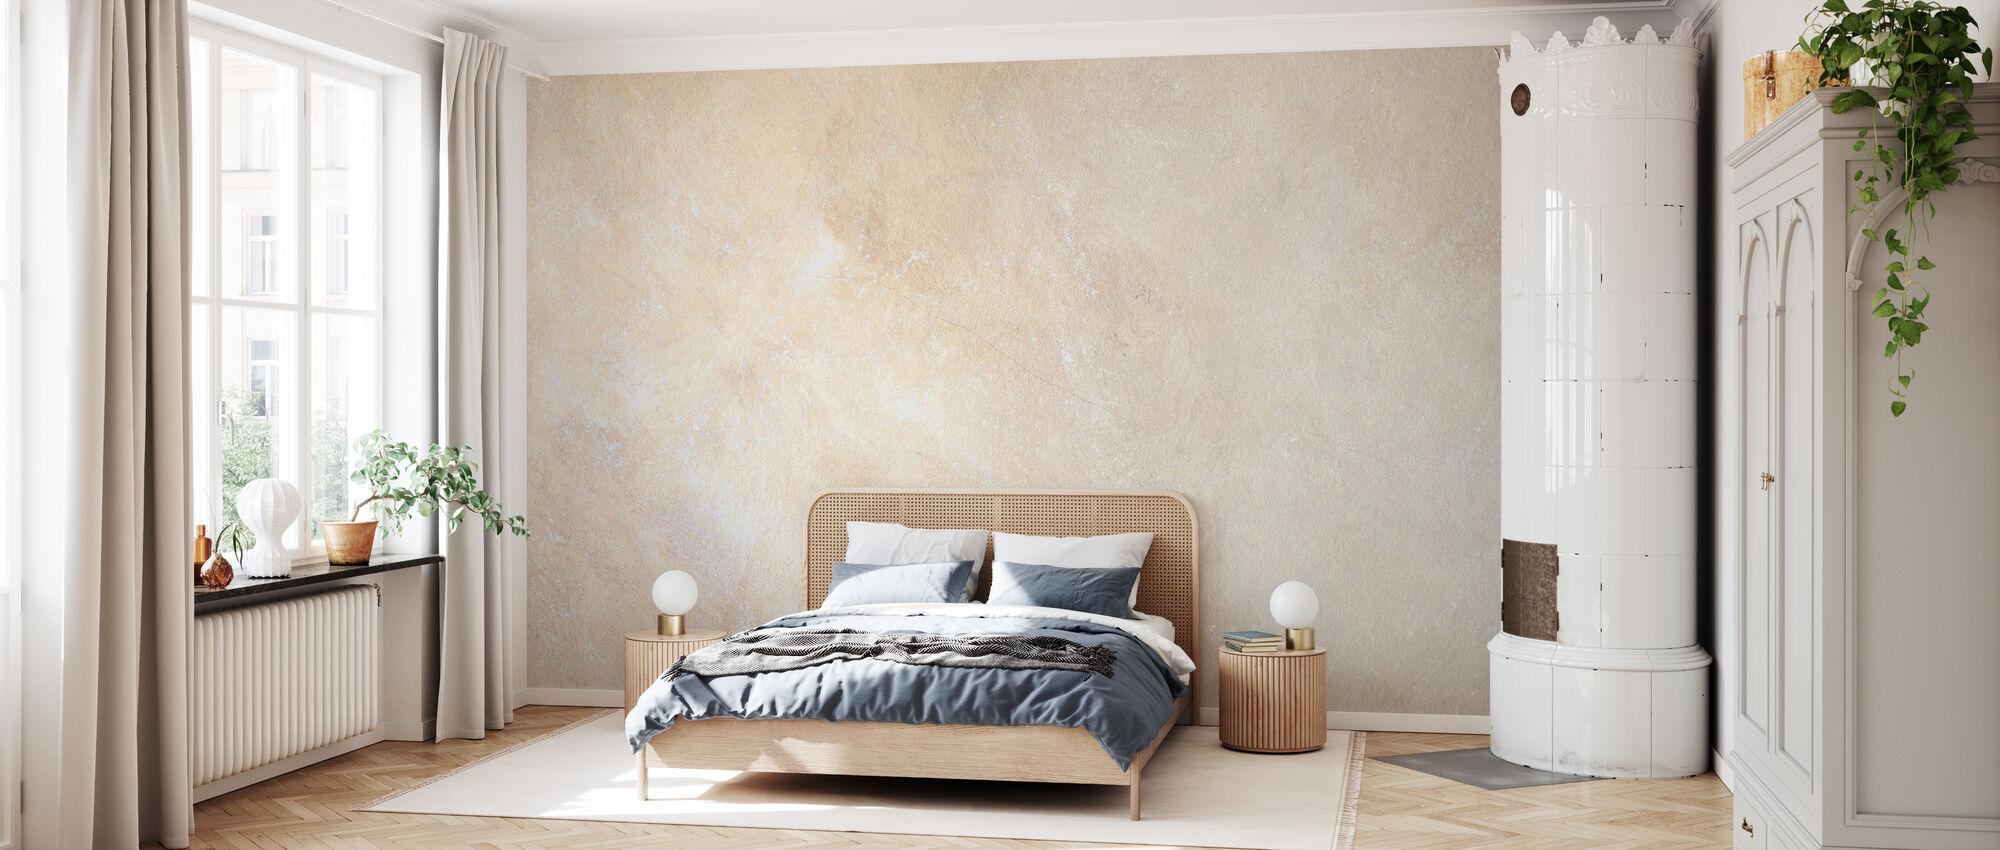 Soft Frayed Wall - Wallpaper - Bedroom